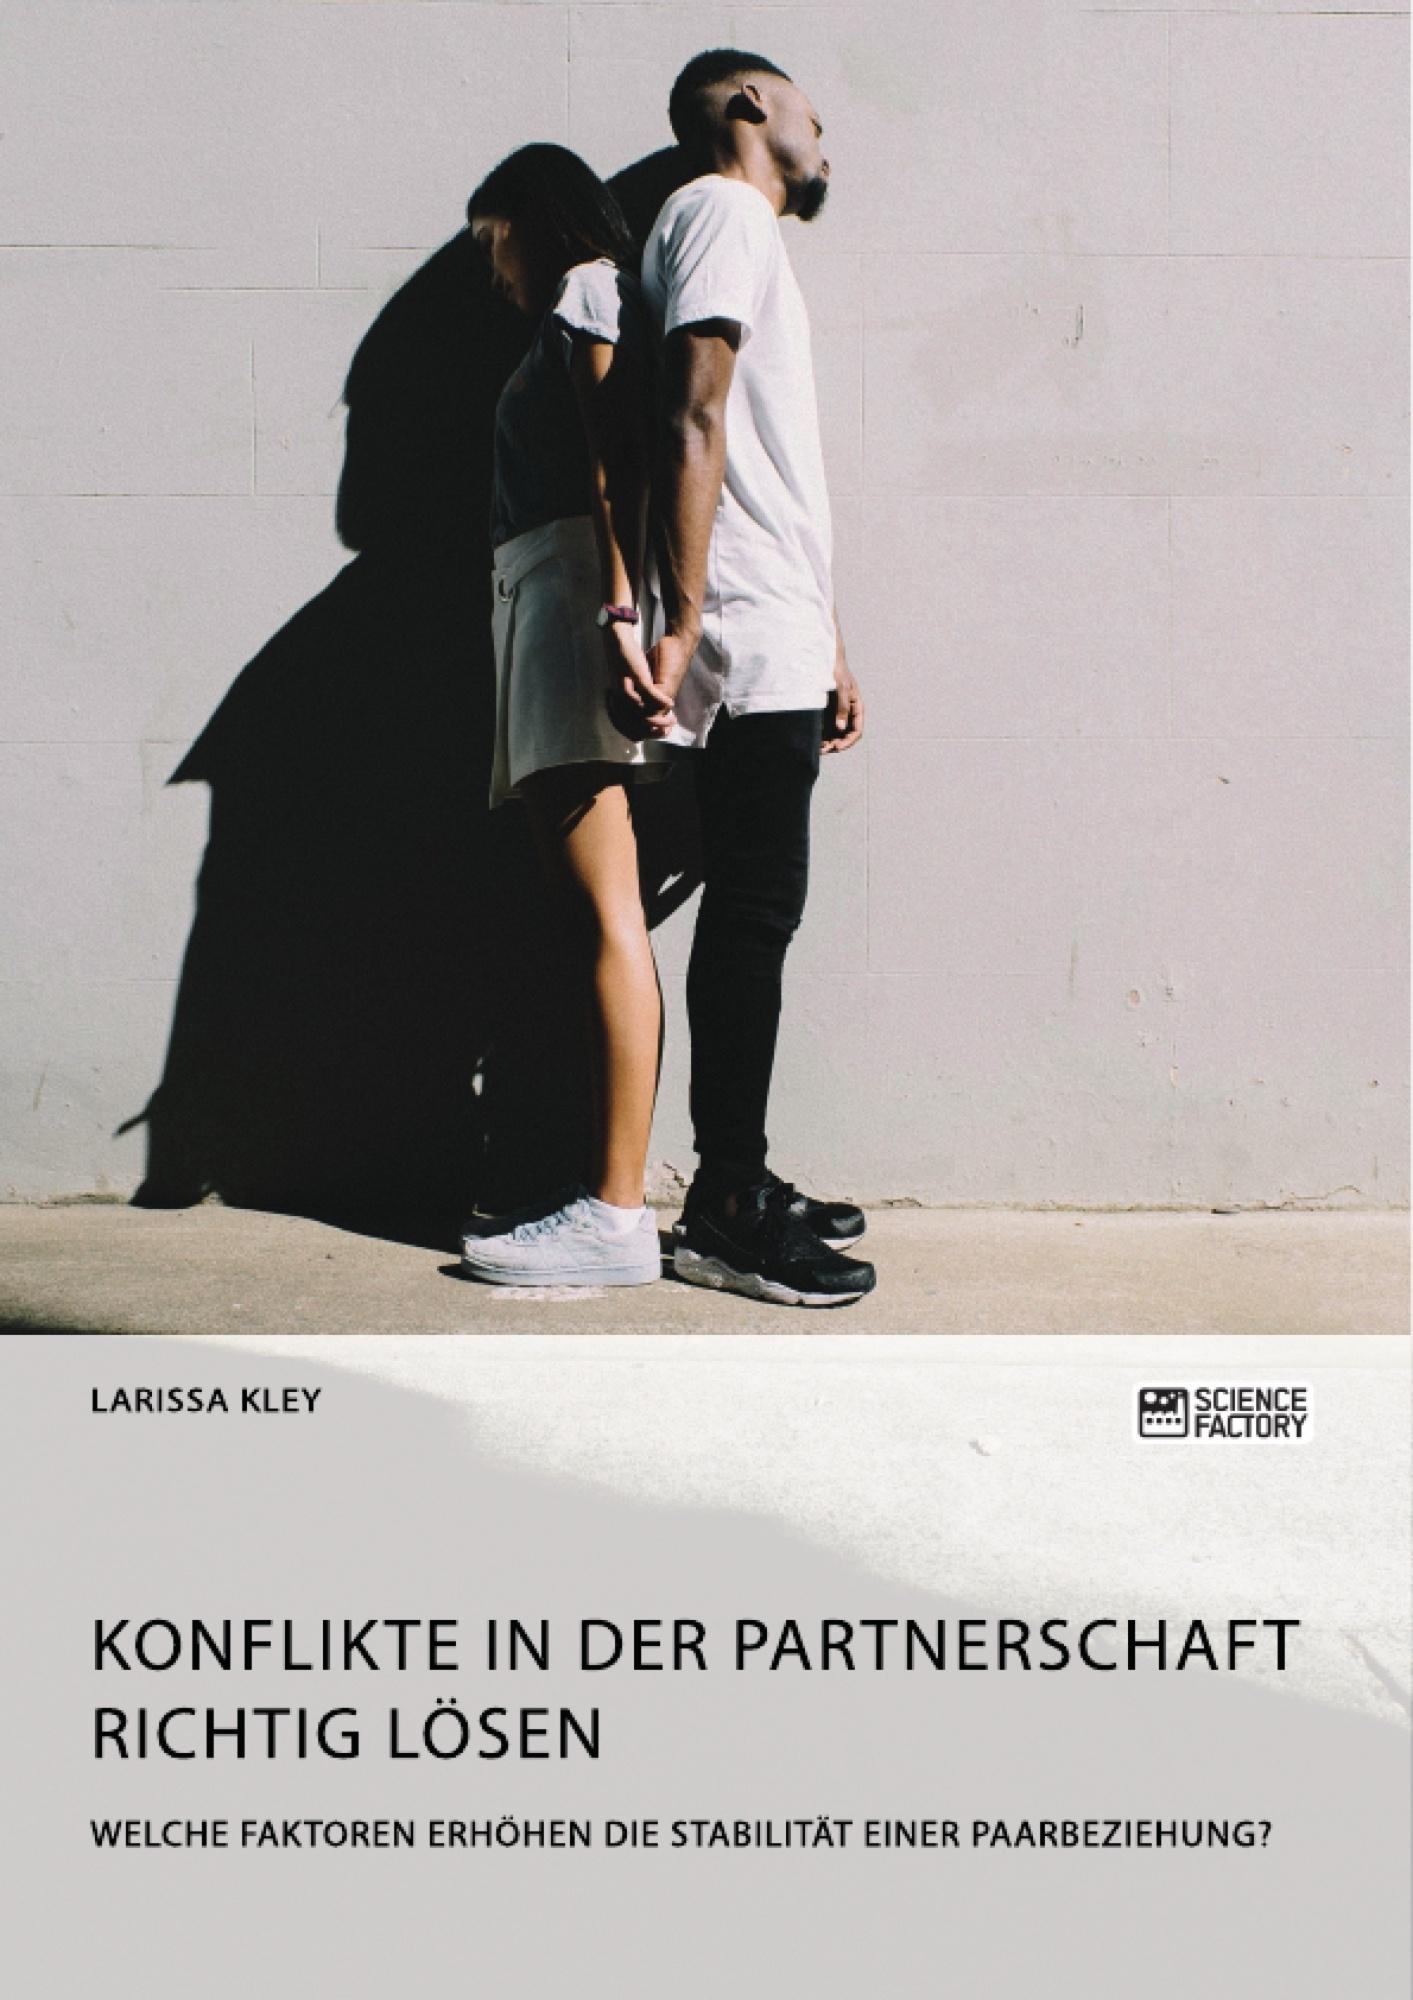 Titel: Konflikte in der Partnerschaft richtig lösen. Welche Faktoren erhöhen die Stabilität einer Paarbeziehung?